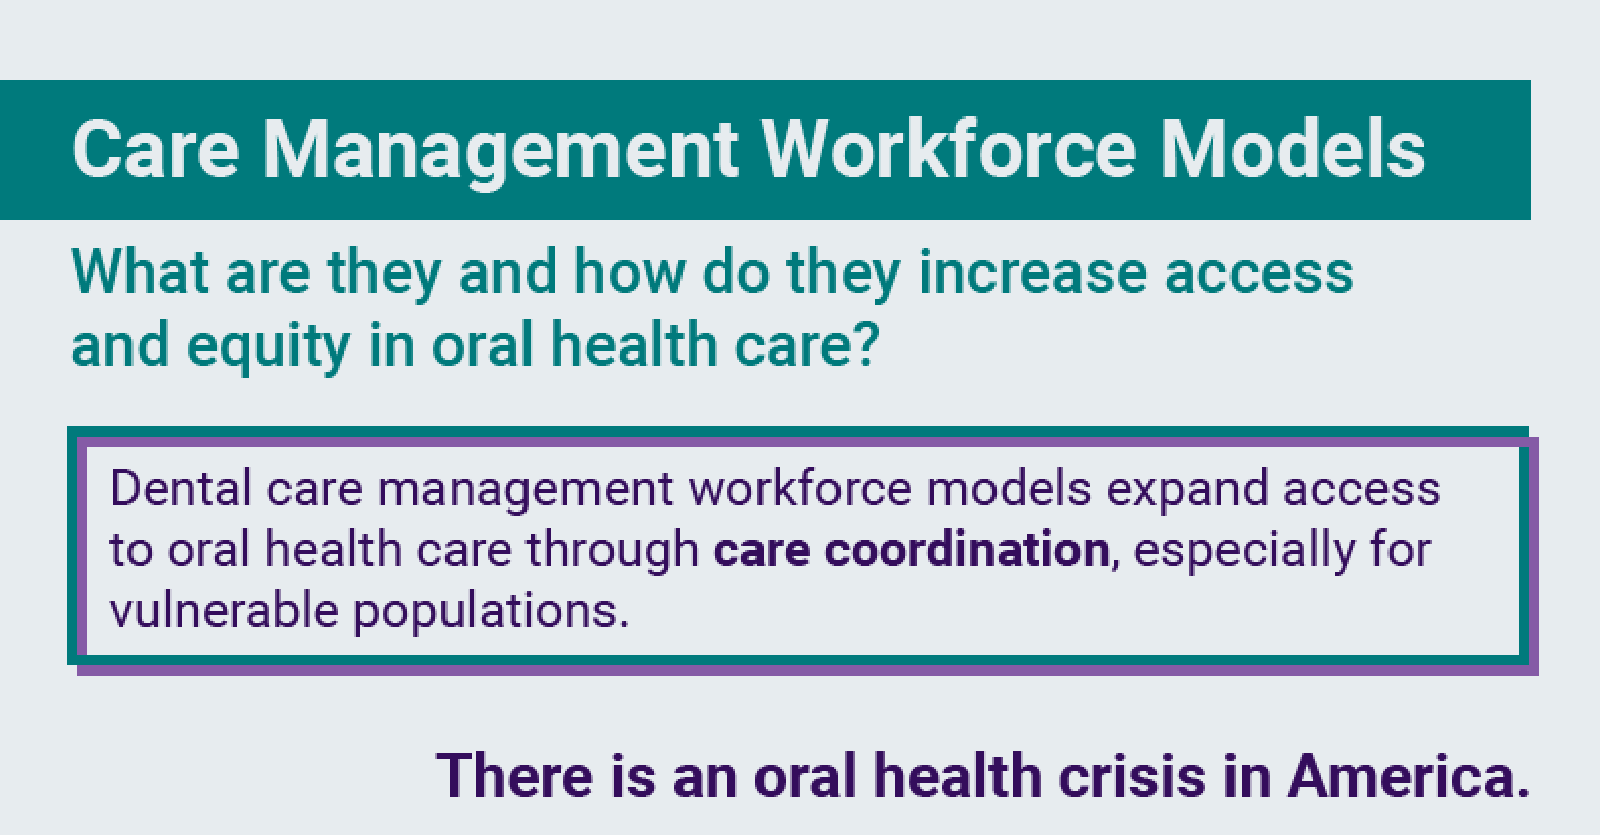 Care Management Workforce Models